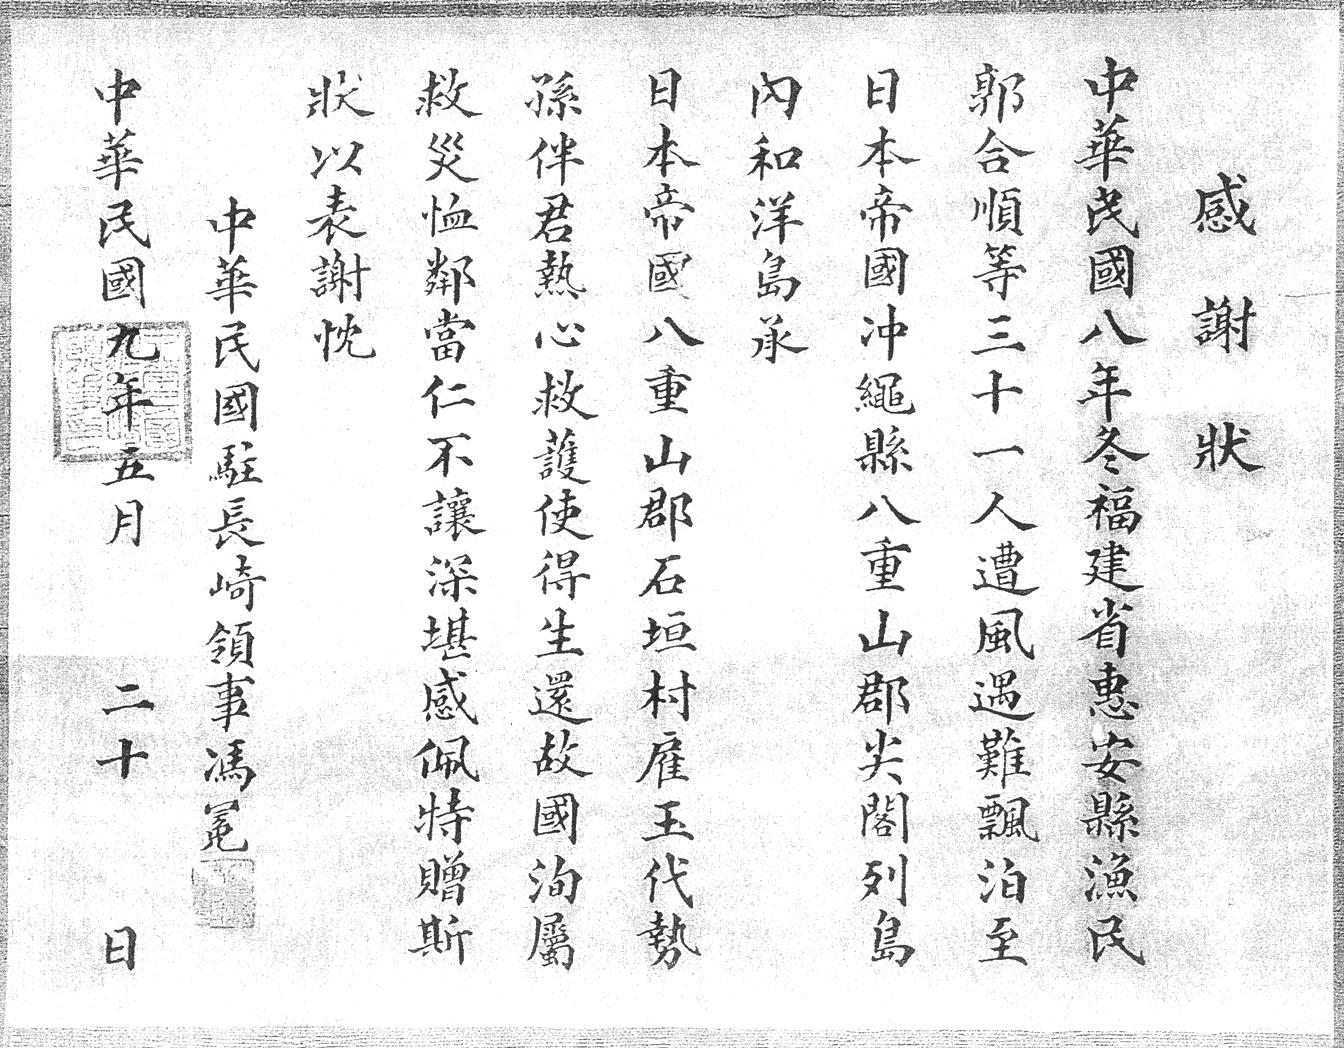 中華民国による石垣村への感謝状